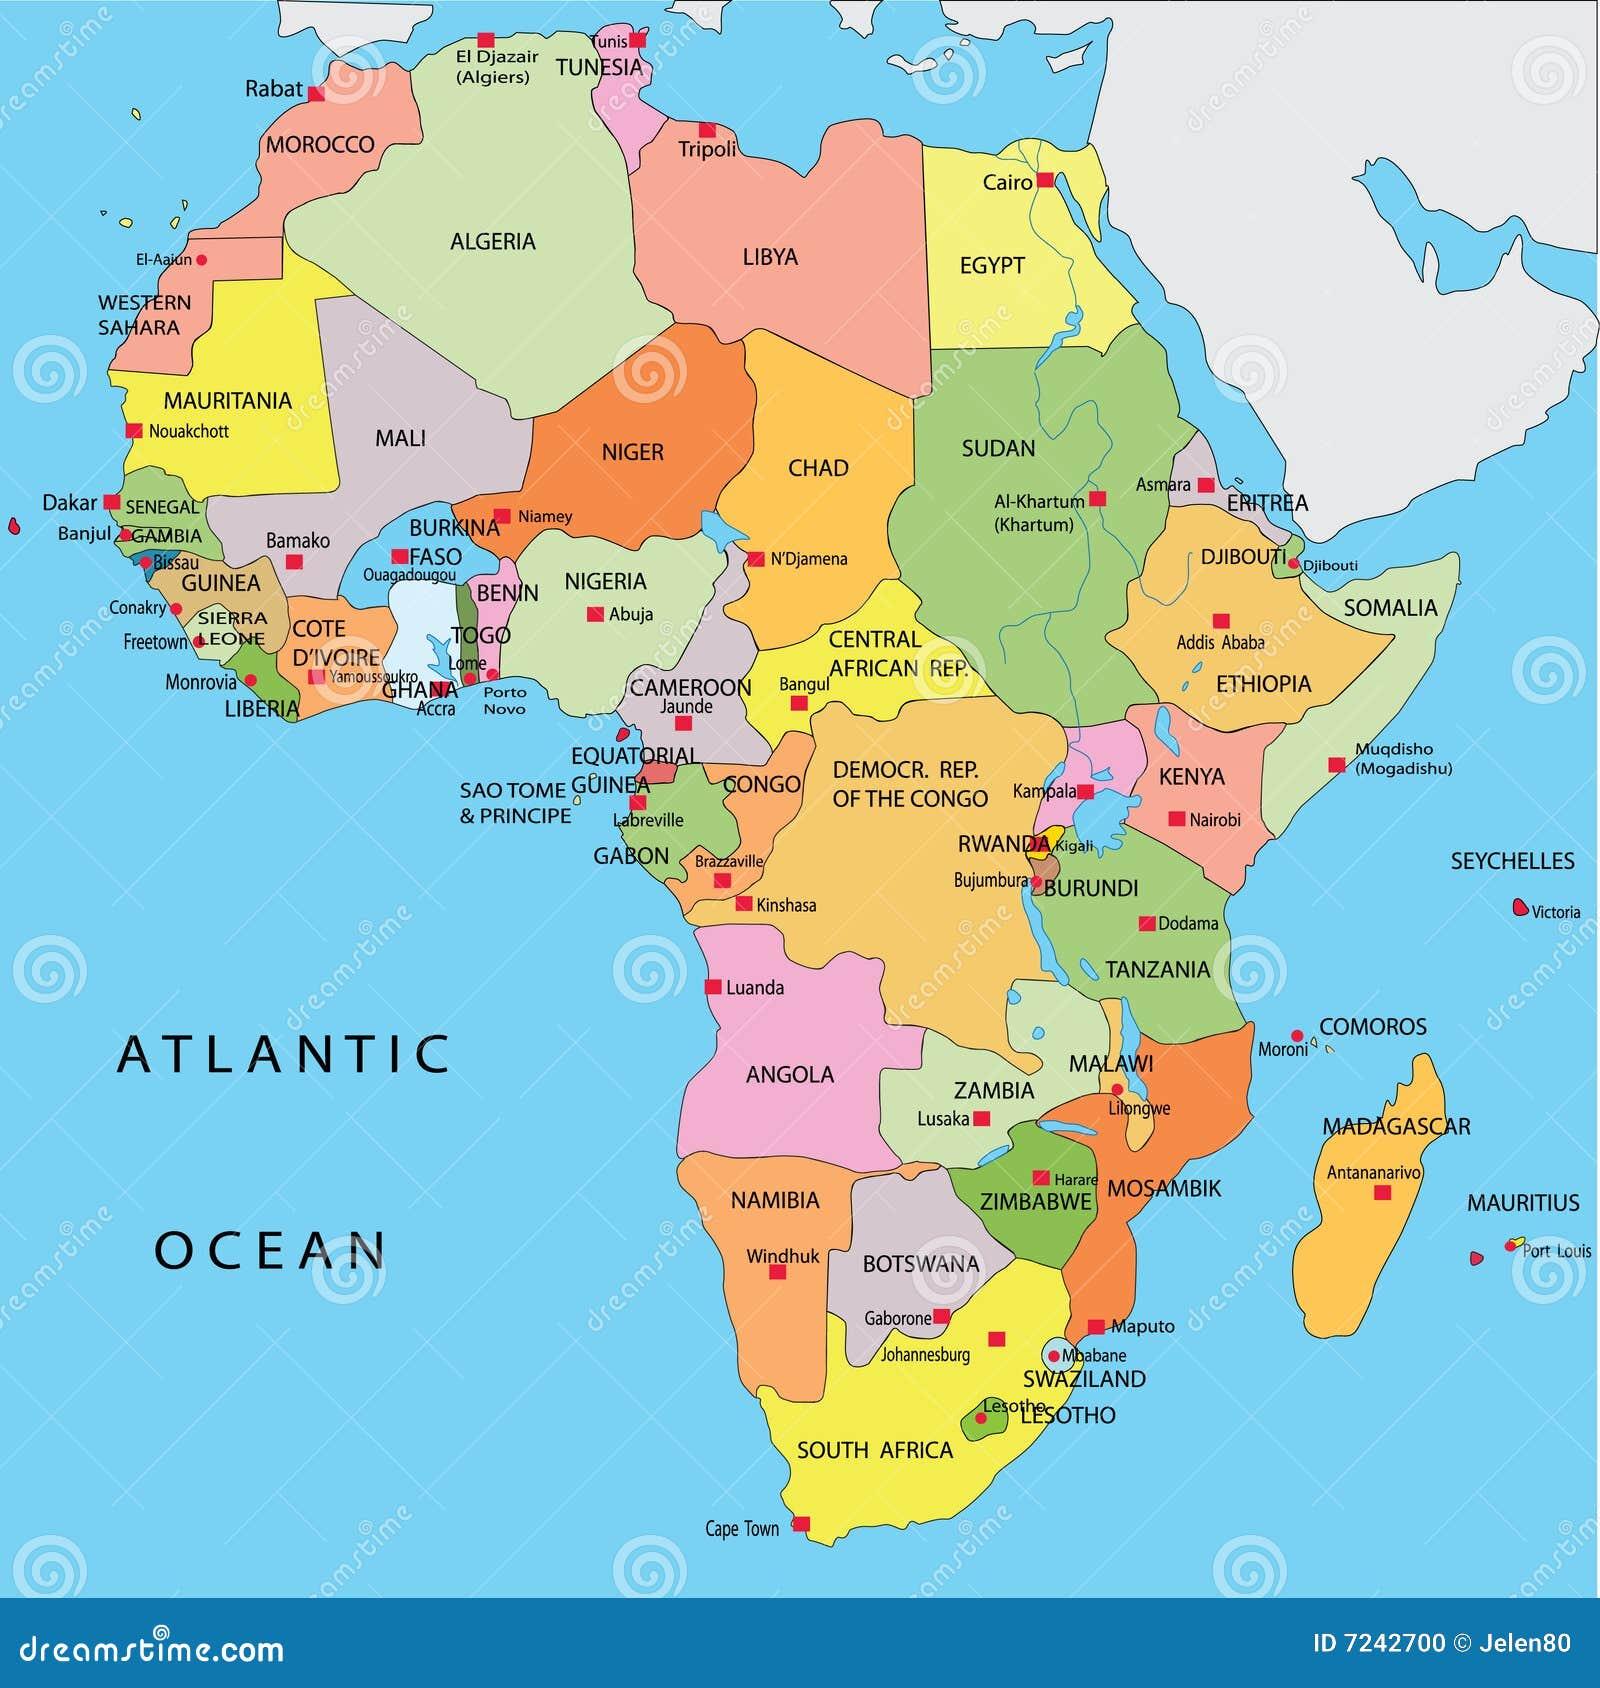 Xarths Ths Afrikhs Politi Ka Apeikonish Apo8ematwn Eikonografia